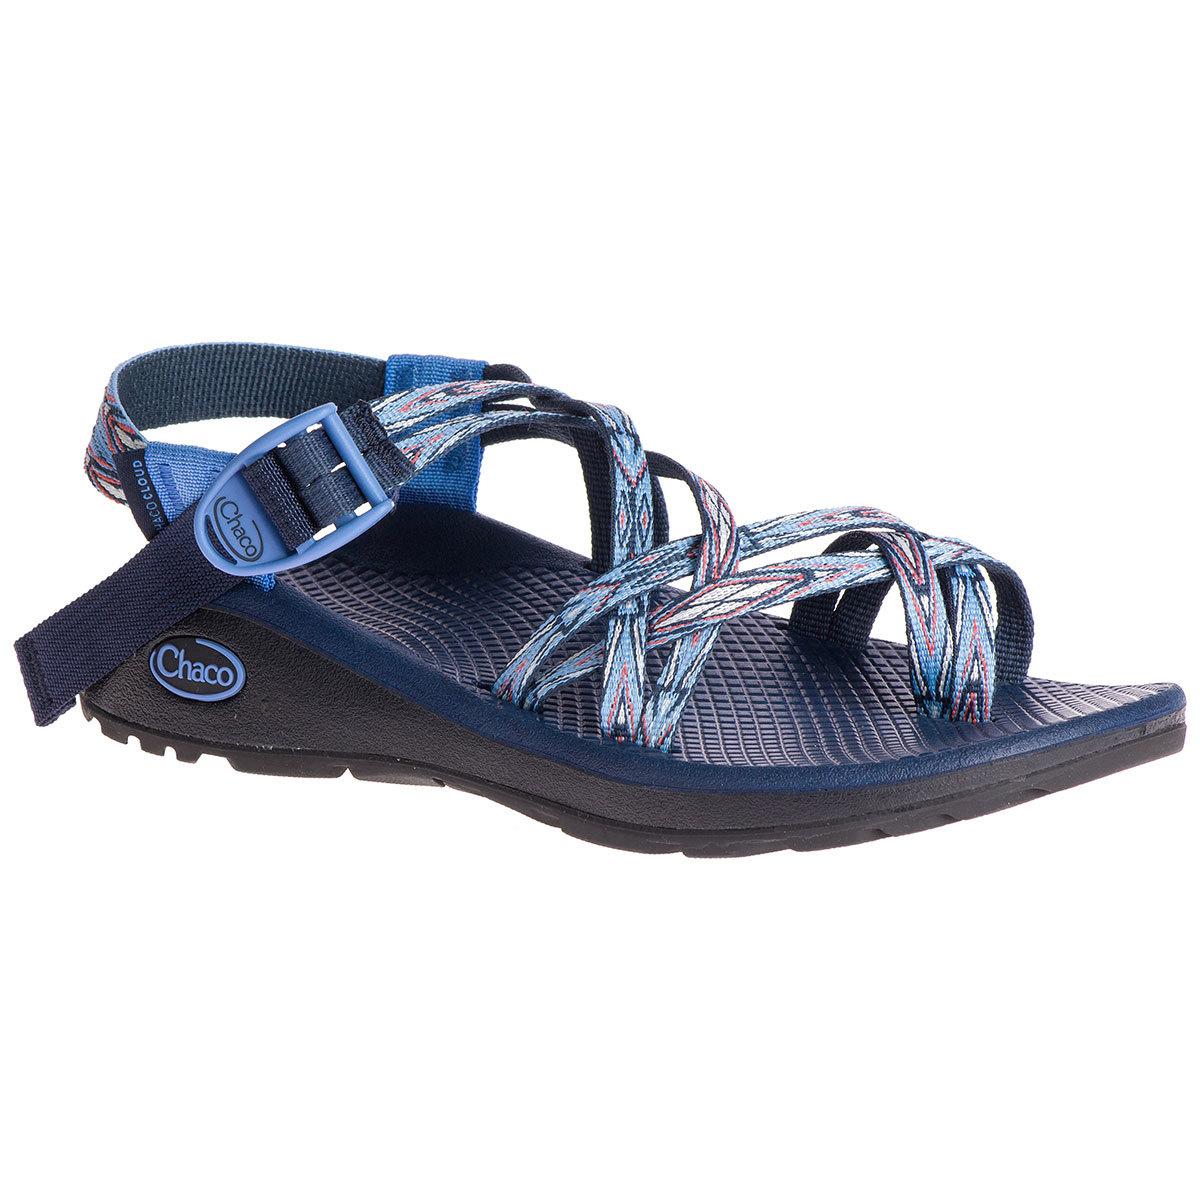 Chaco Women's Z/cloud X2 Sandals - Blue, 11